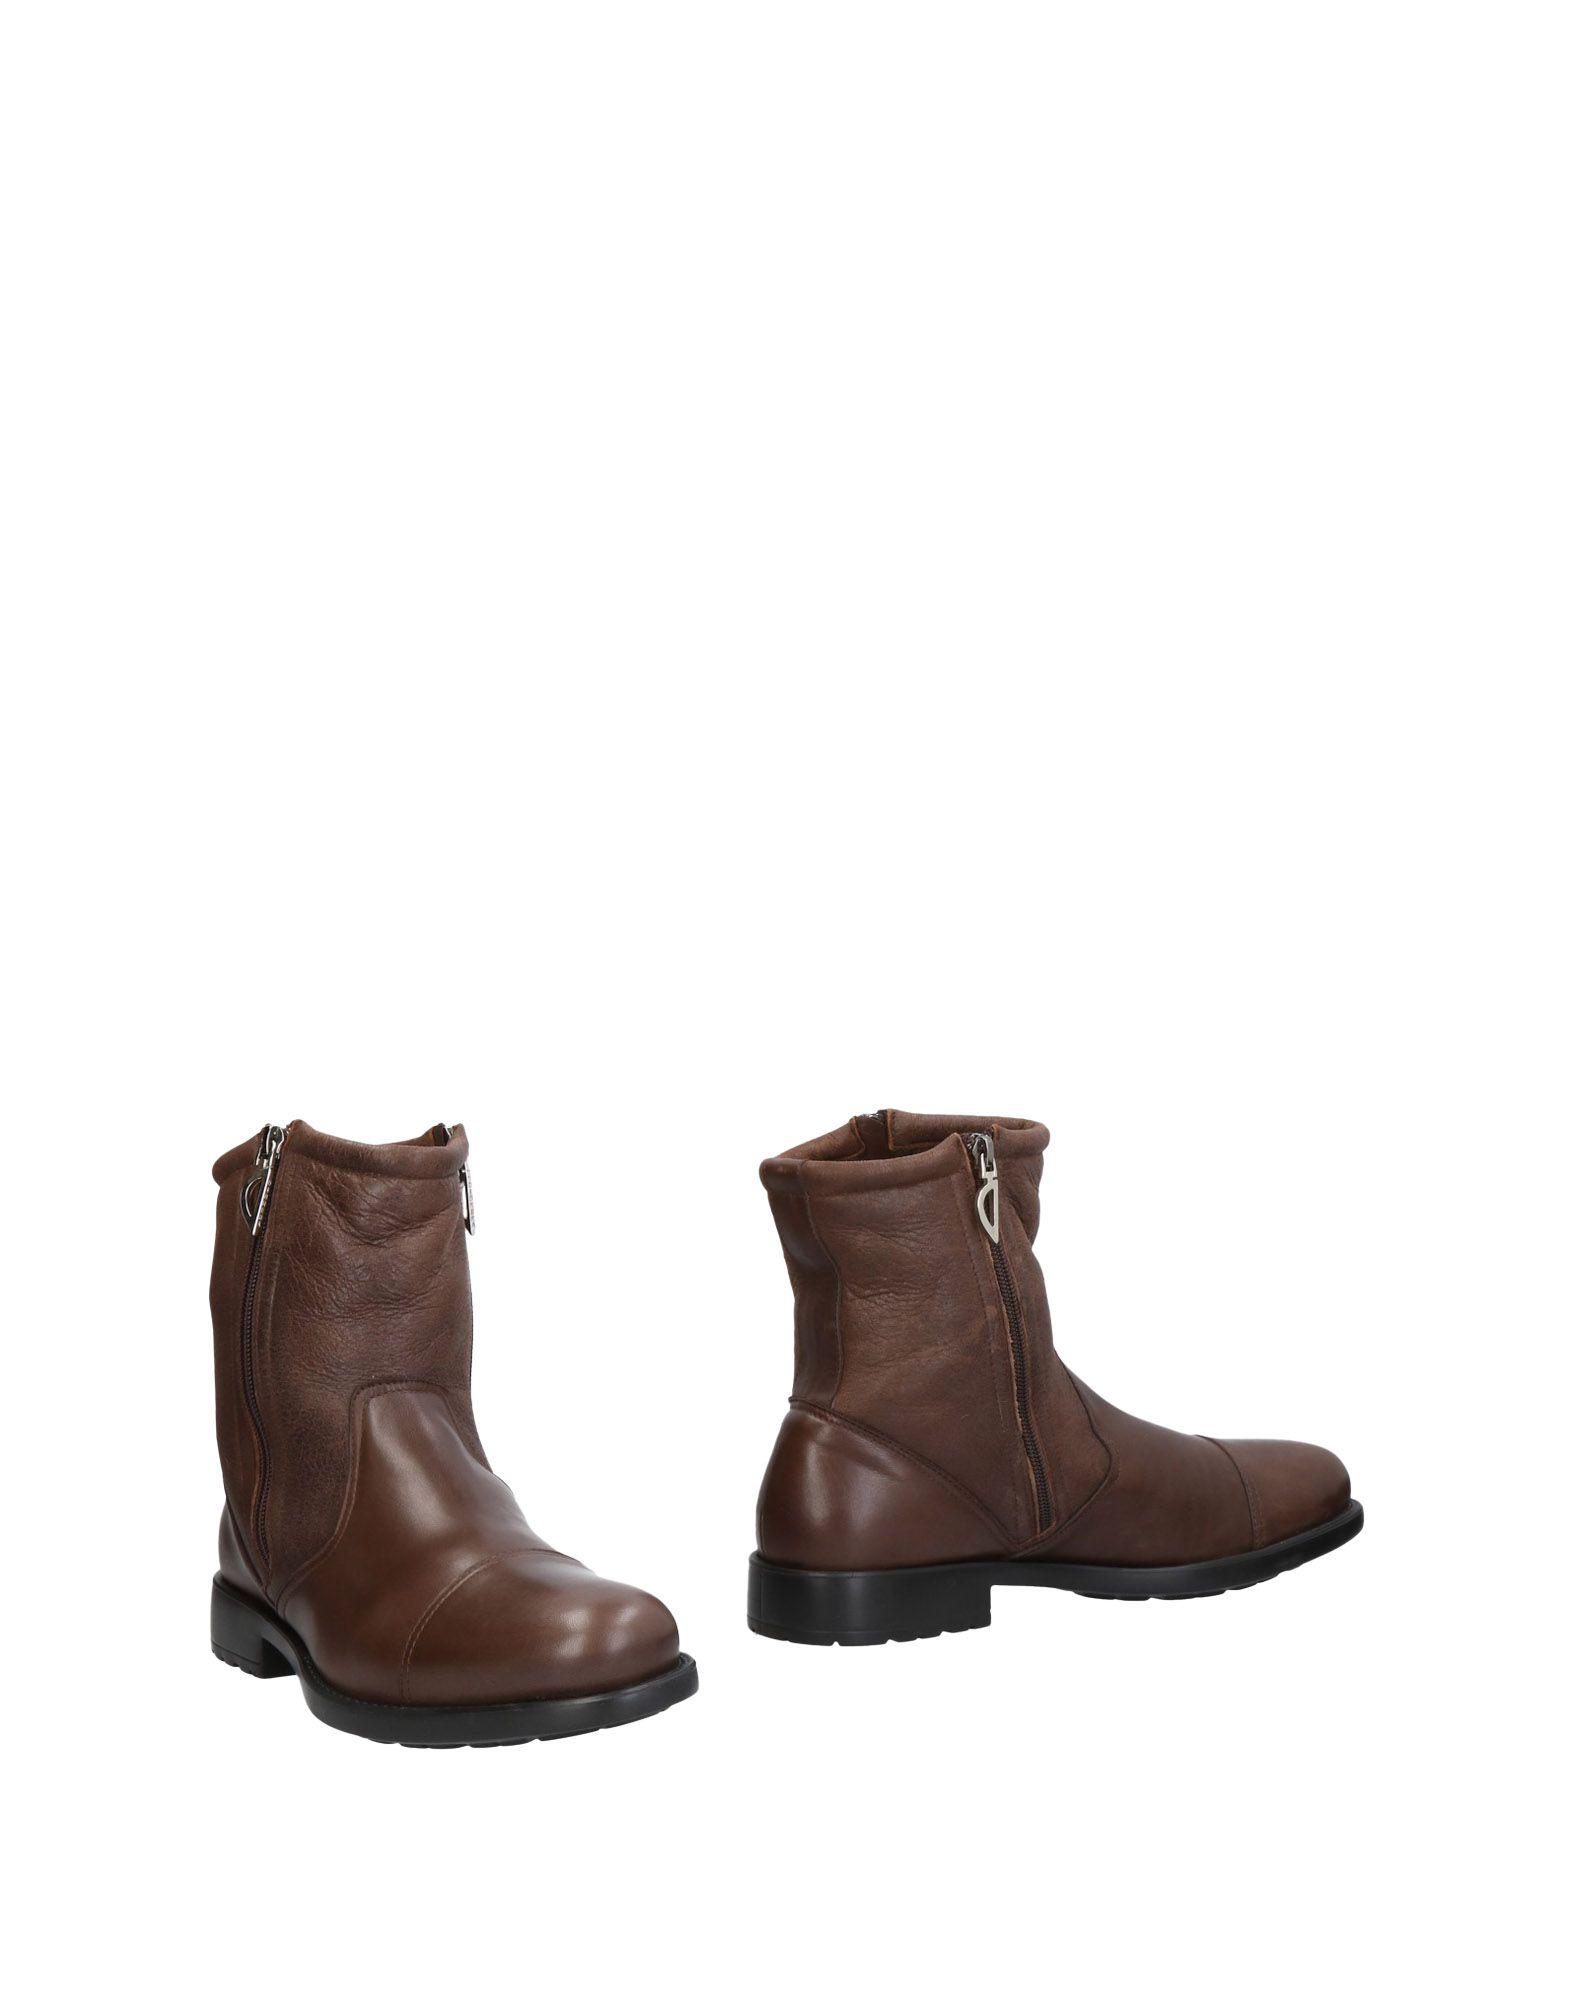 Dibrera By Paolo Zanoli Stiefelette Herren  11446004FD Gute Qualität beliebte Schuhe